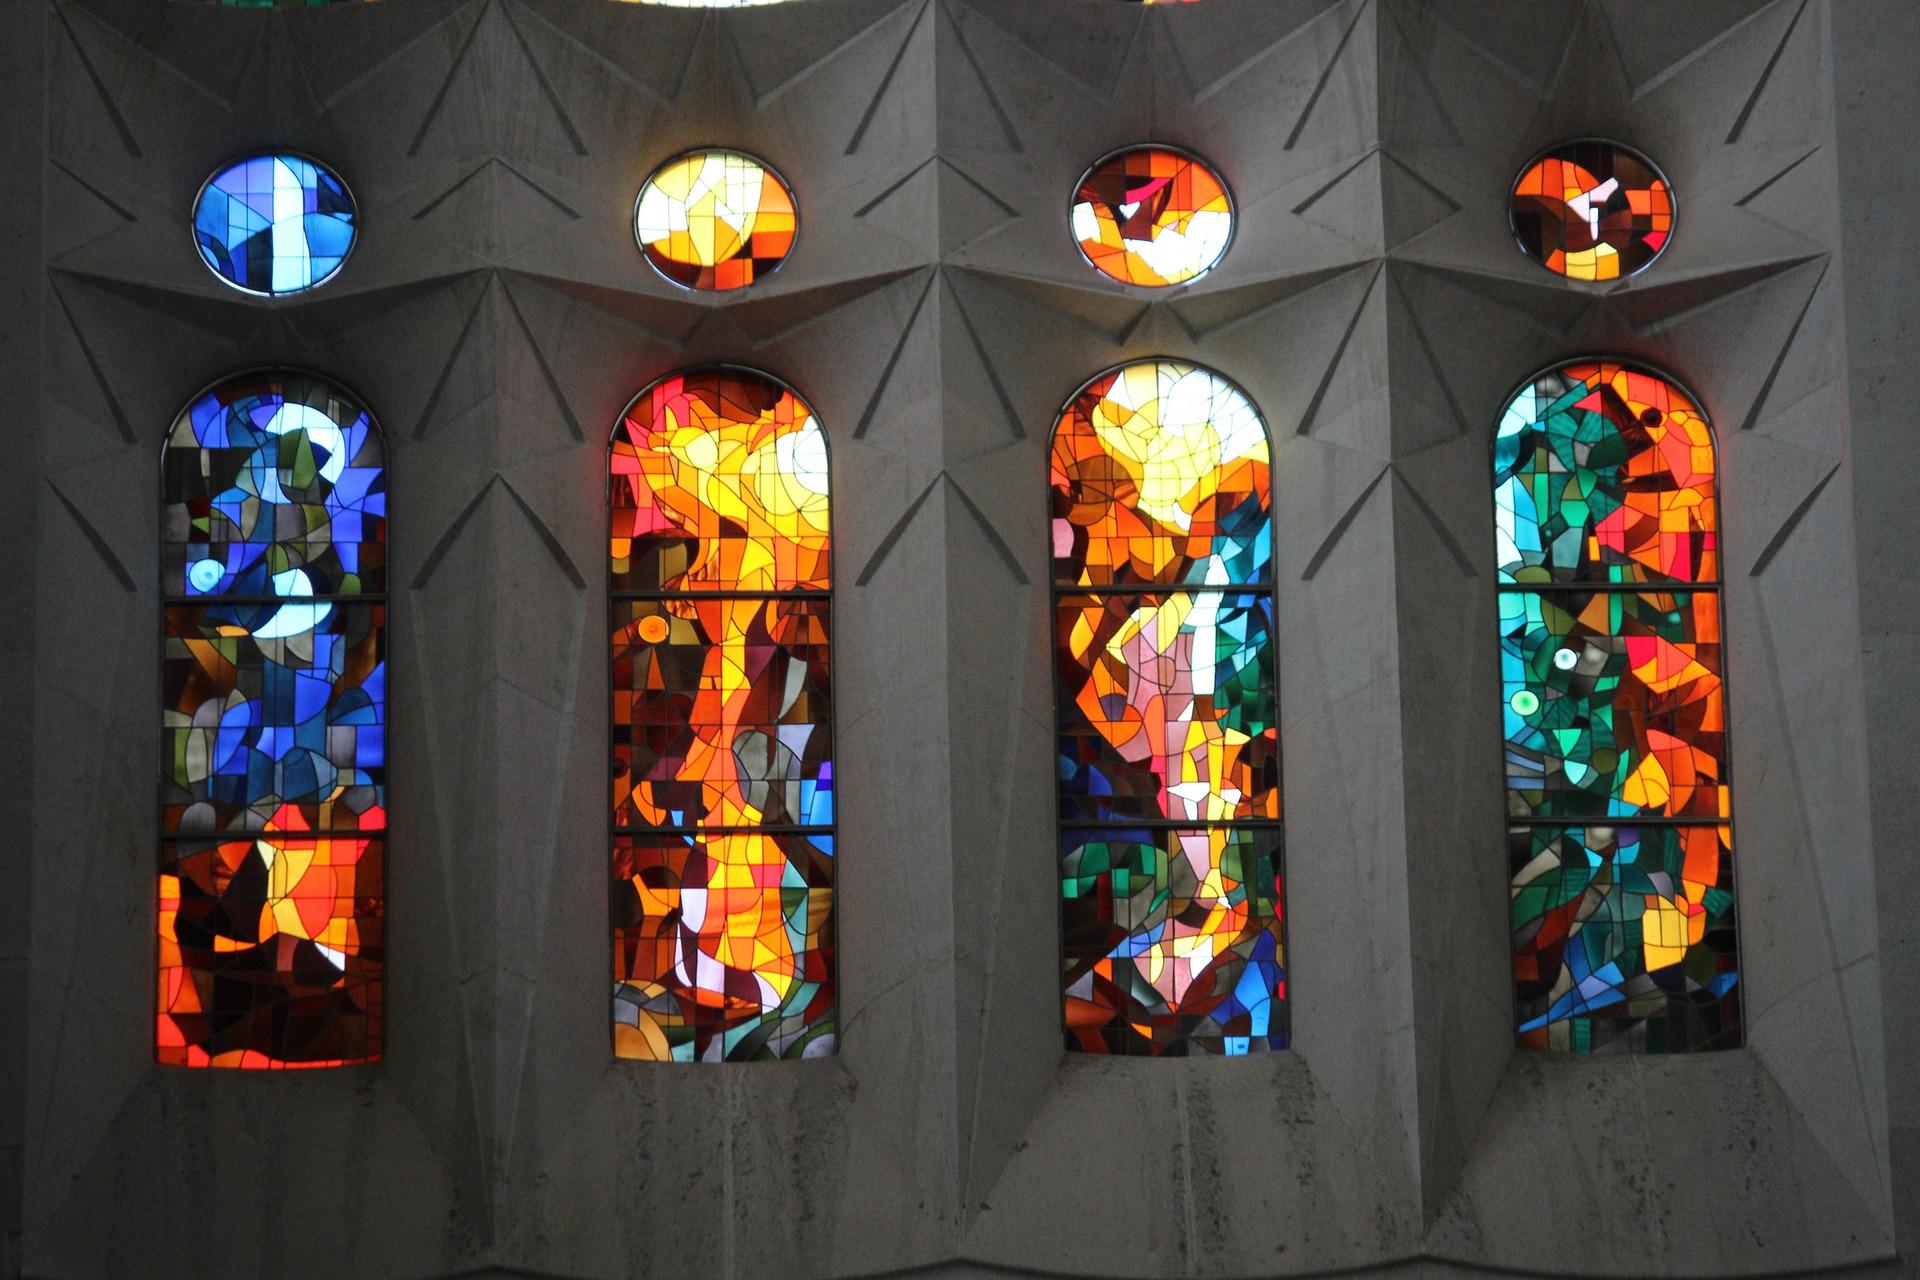 Ventanas desde el interior de La Sagrada Familia